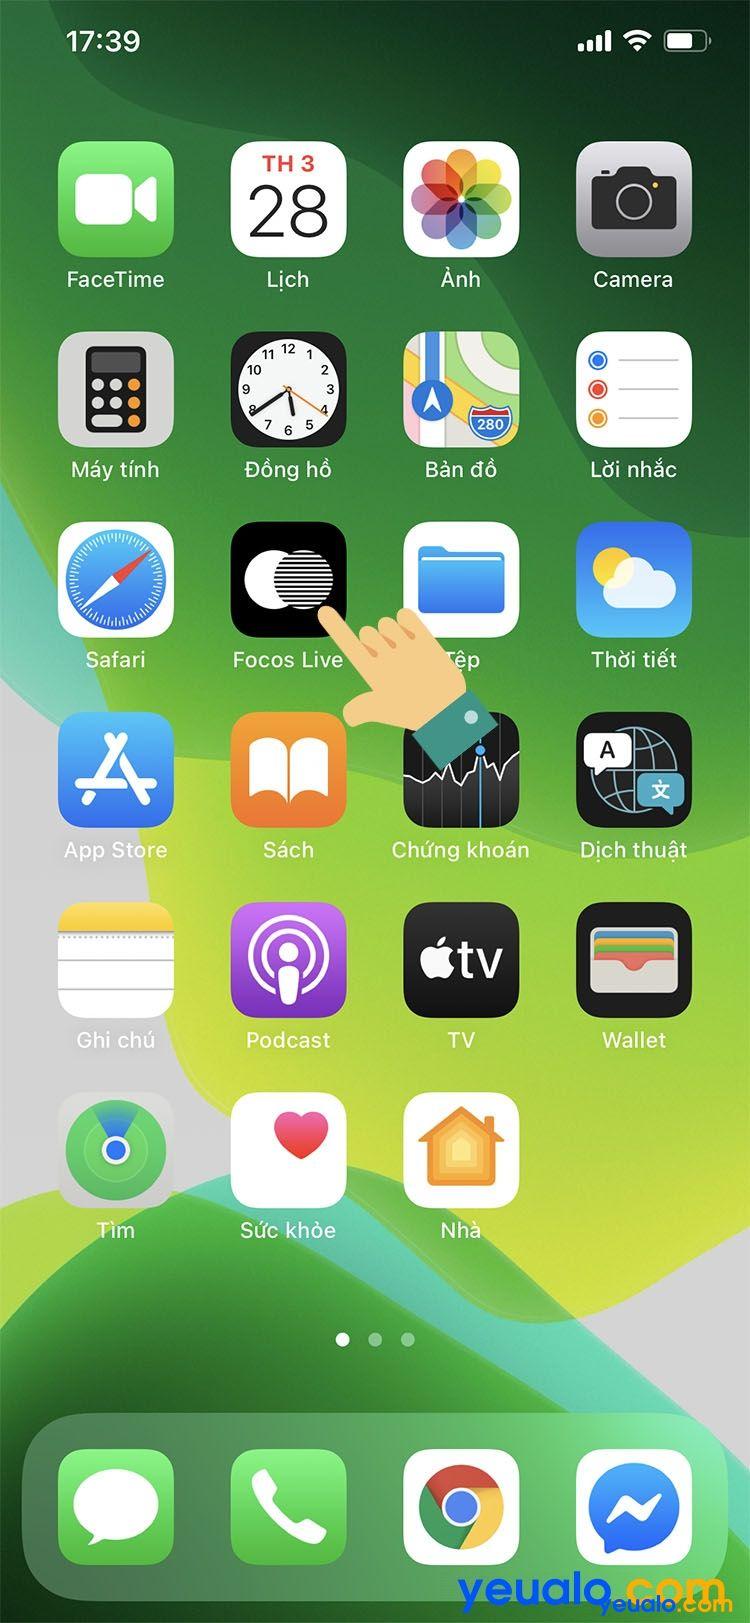 Cách quay video xoá phông trên iPhone